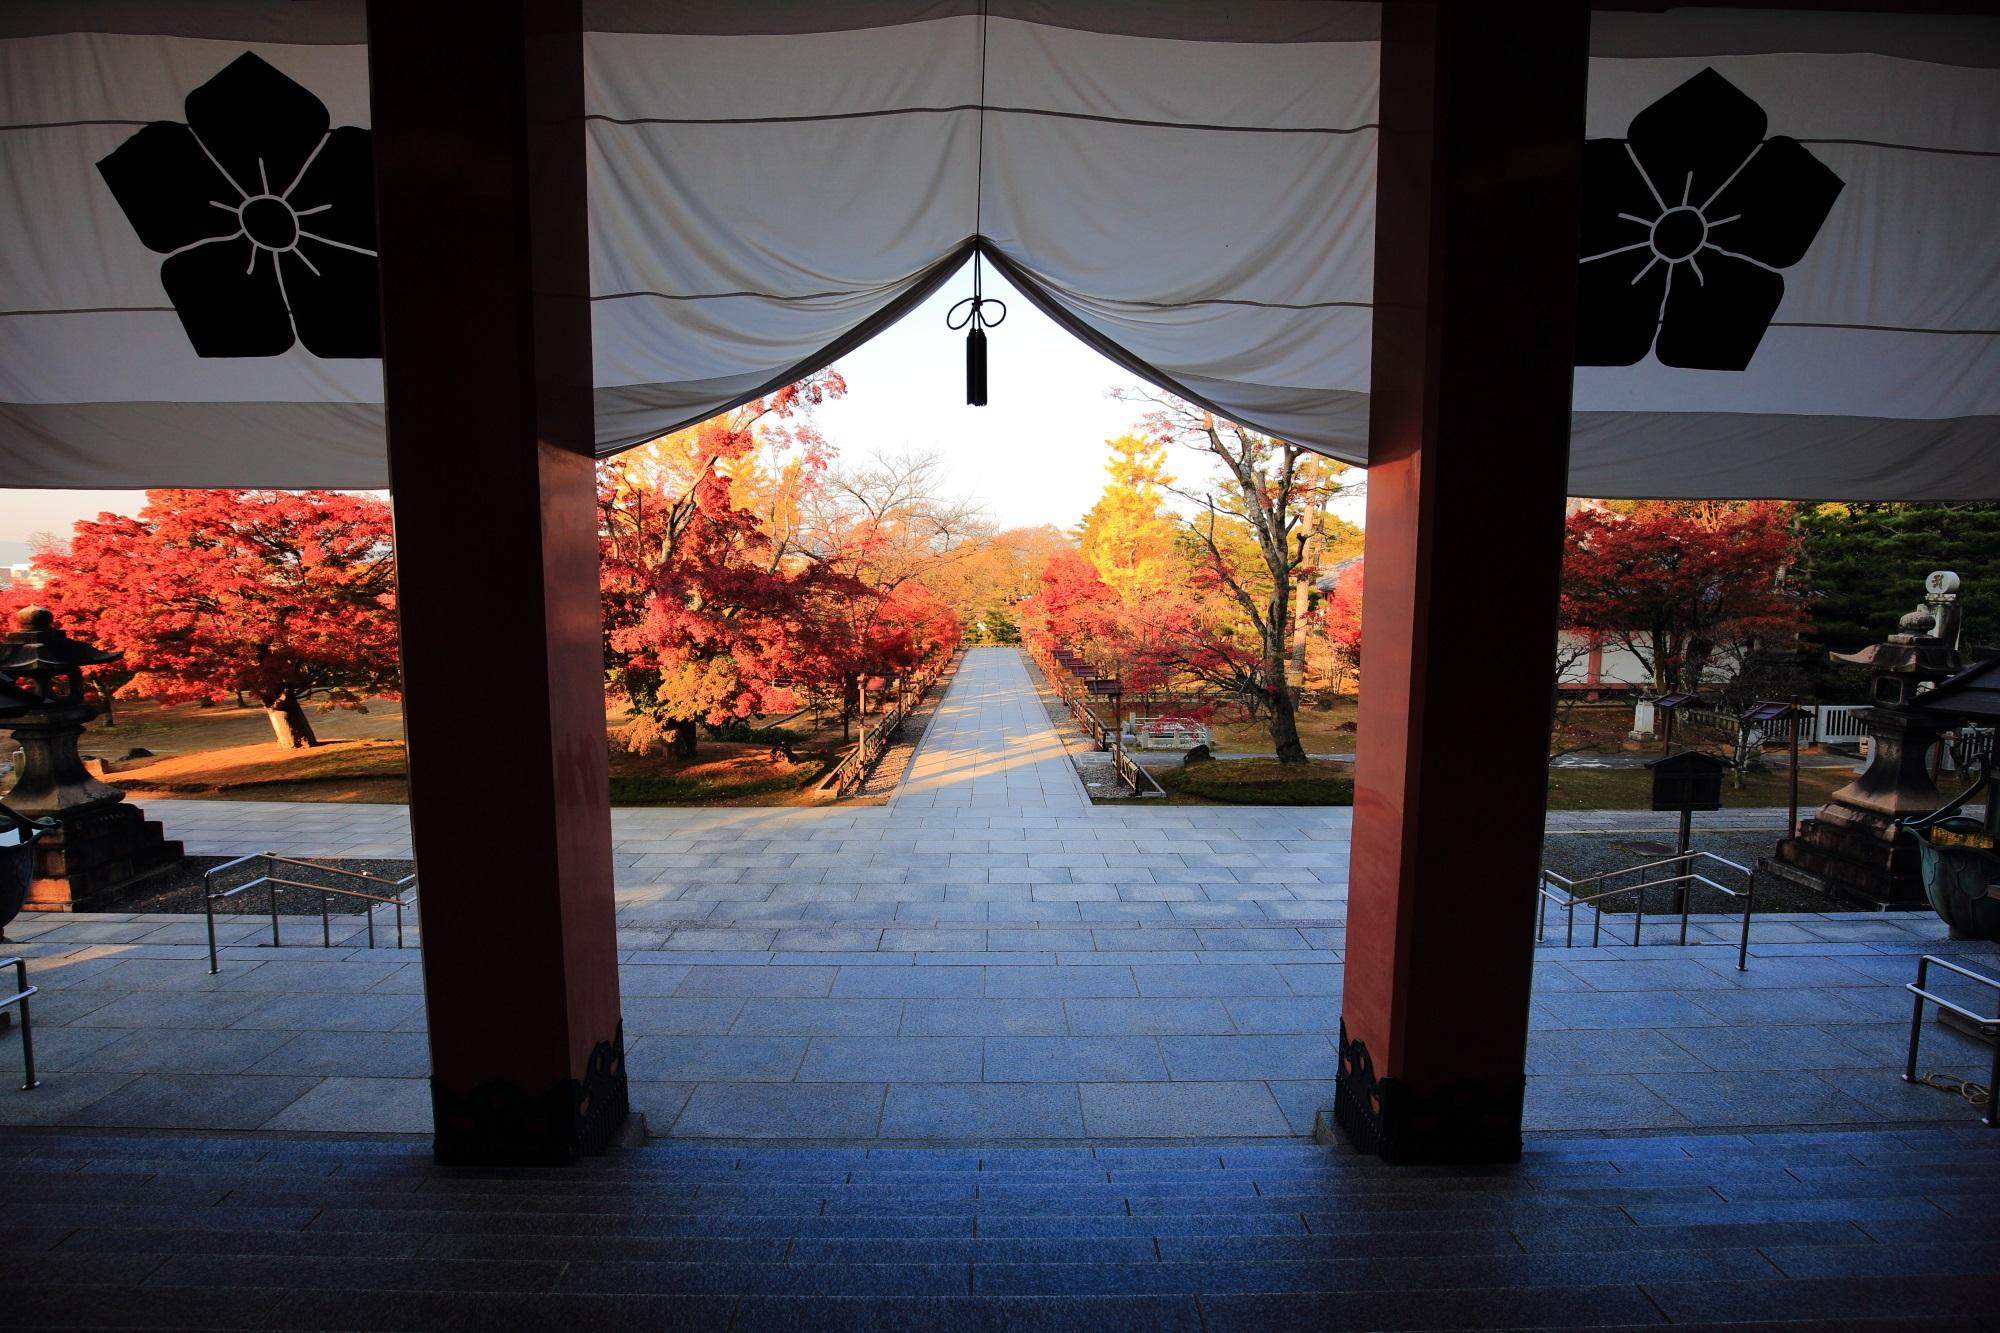 金堂から眺めた紅葉と銀杏の溢れる智積院の参道